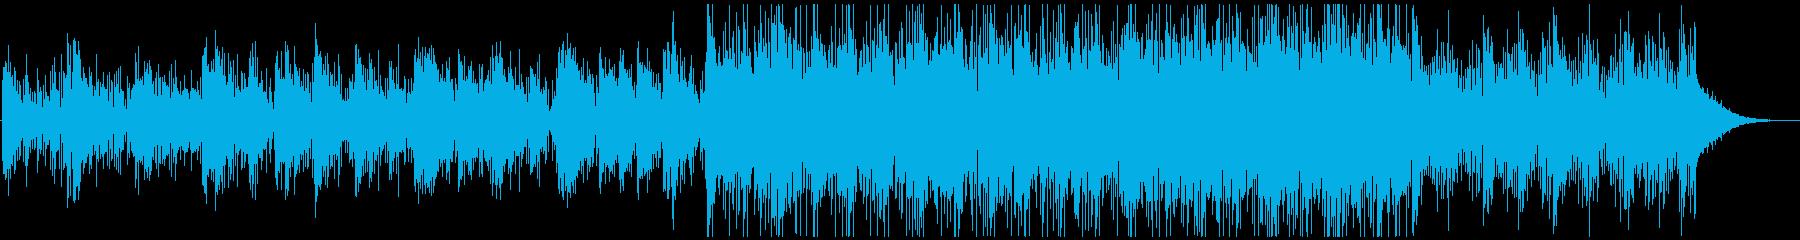 エレクトロっぽいチルなポストロックの再生済みの波形